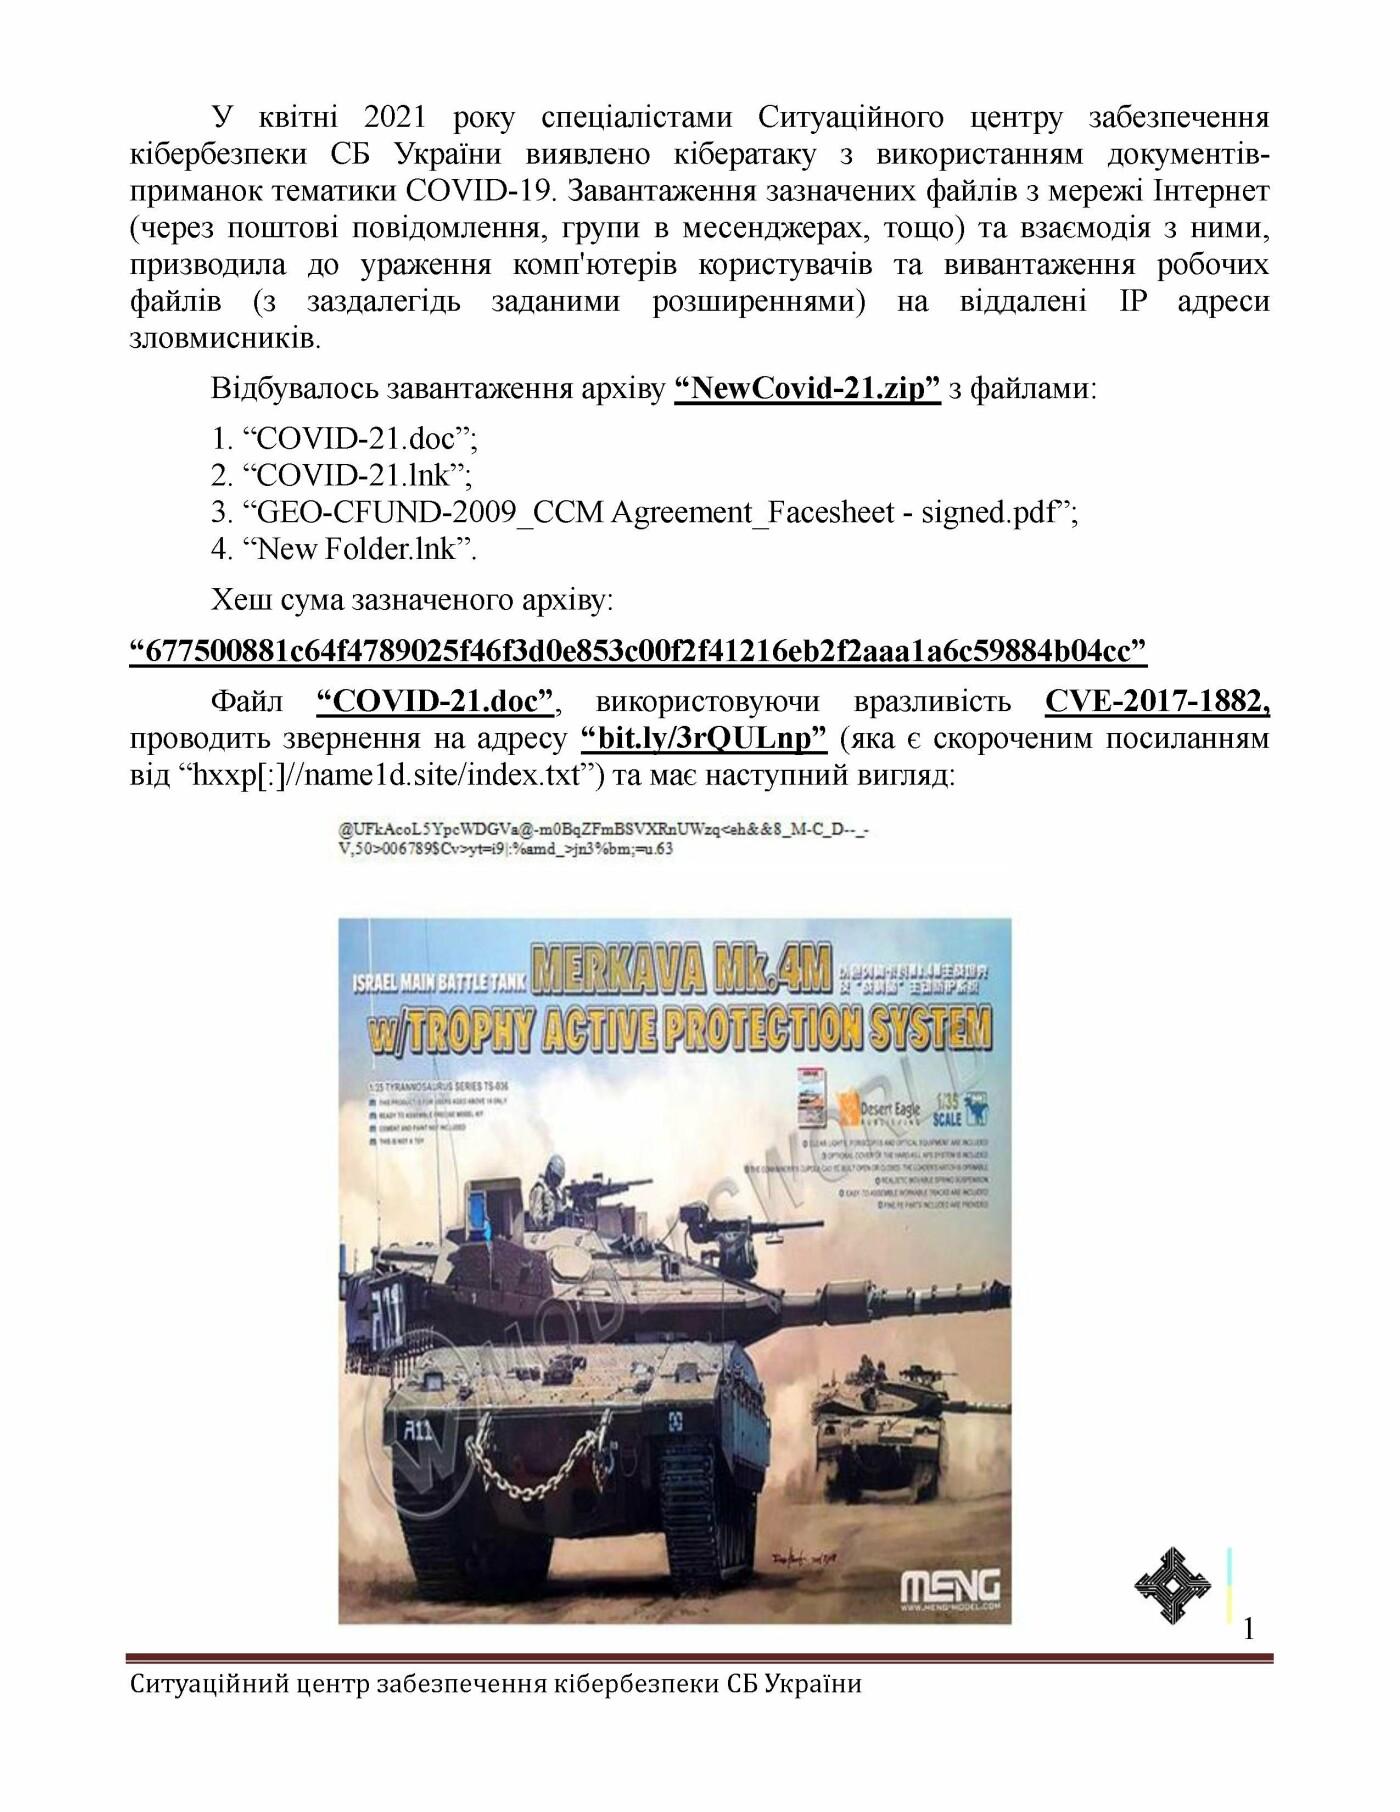 СБУ предупреждает: количество кибератак на Украину растет, фото-2